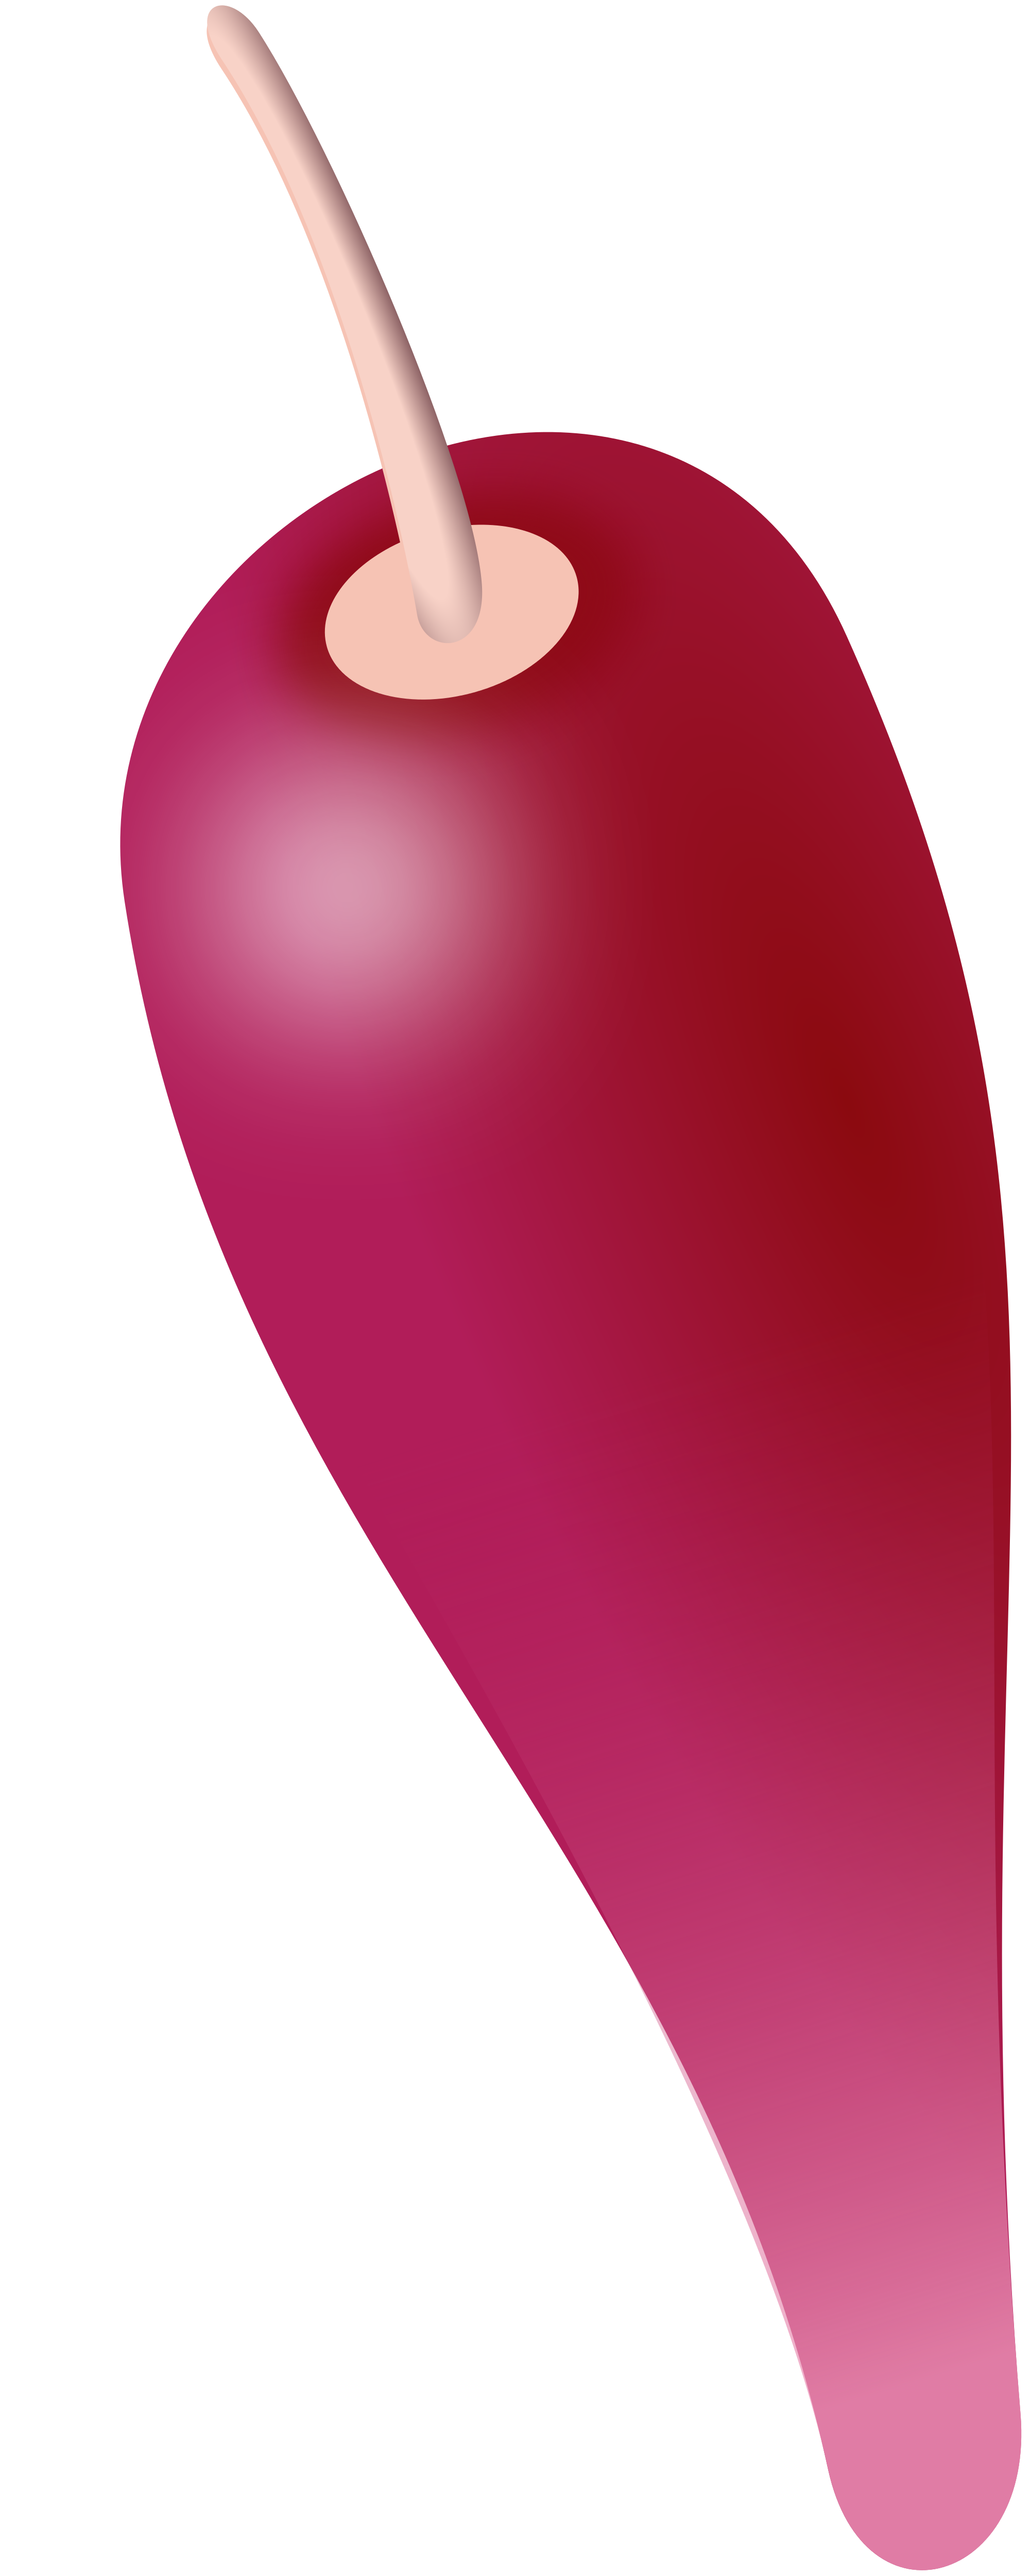 File:Melocactus curvispinus fruit.svg.